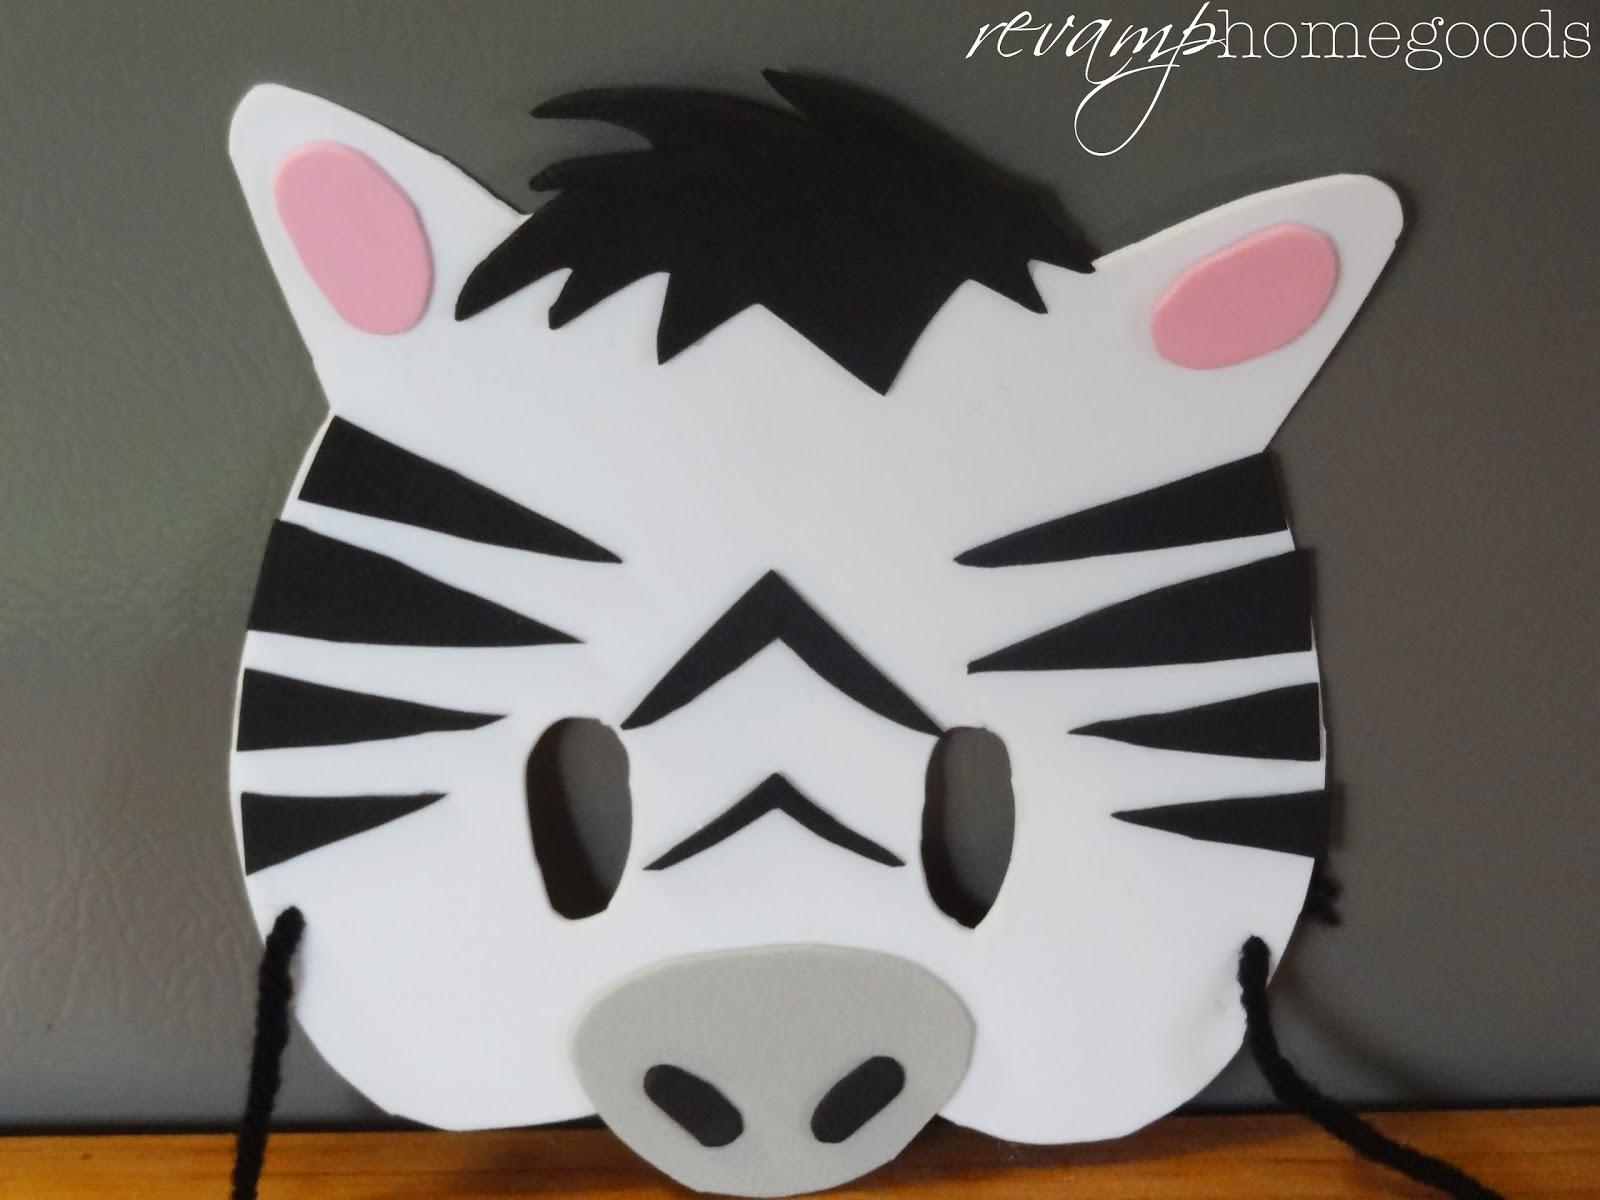 Kids crafts diy foam animal masks revamp homegoods for Mask craft for kids